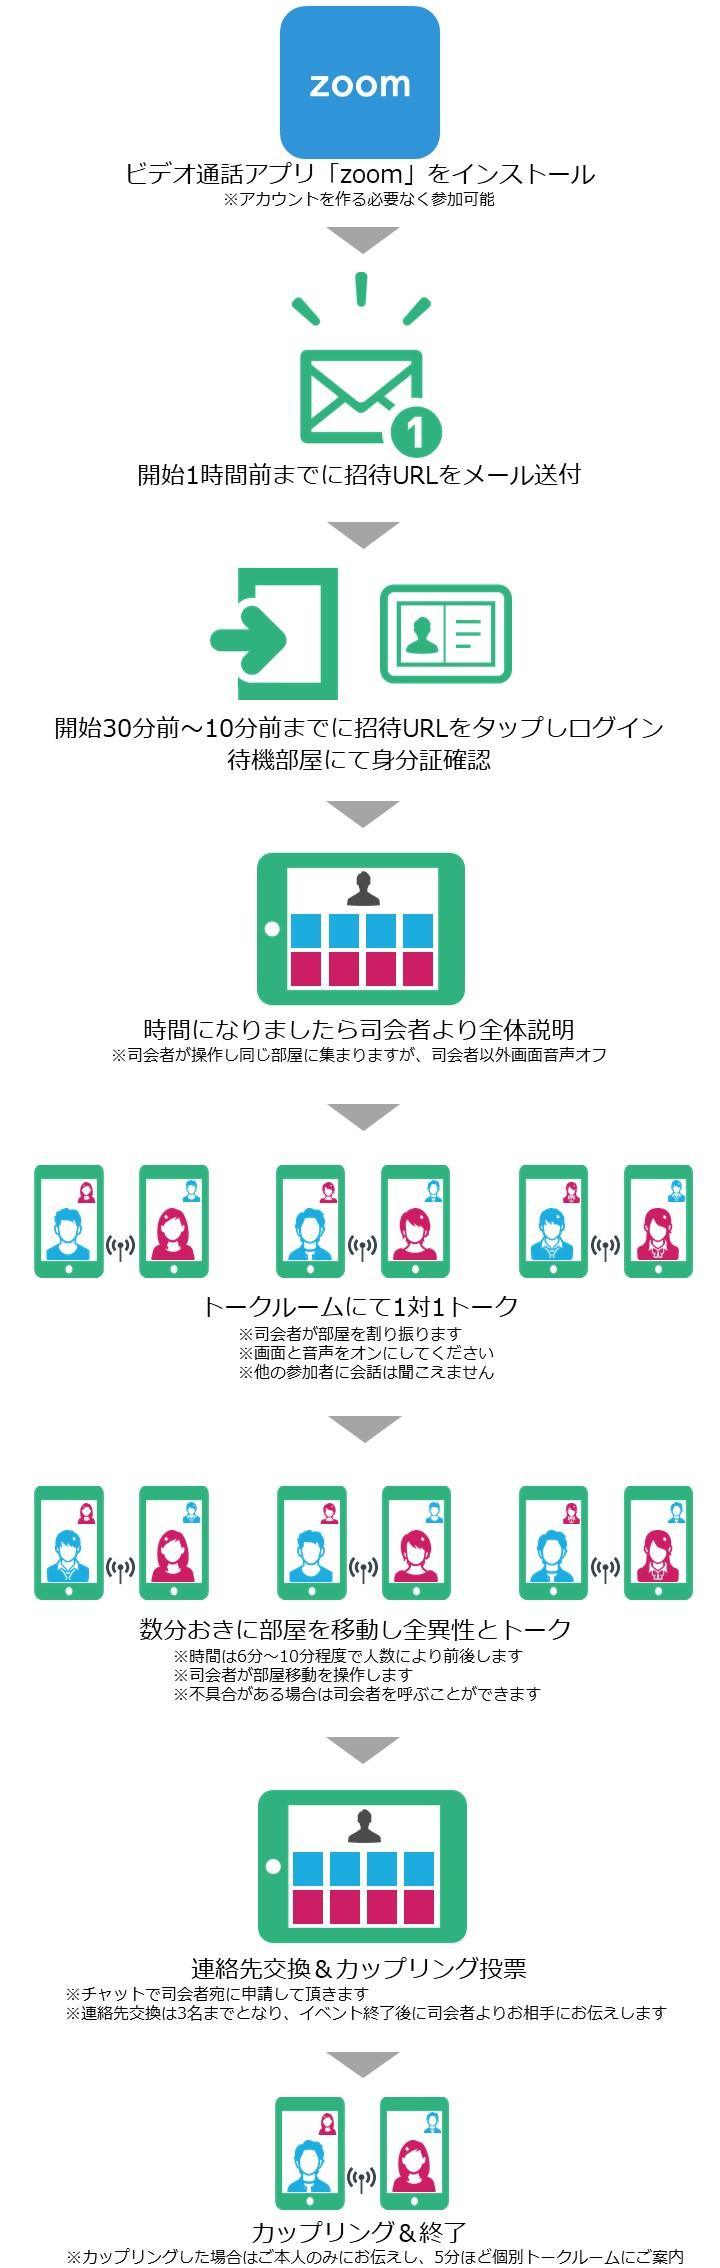 オンライン婚活の流れ 神奈川 小田原